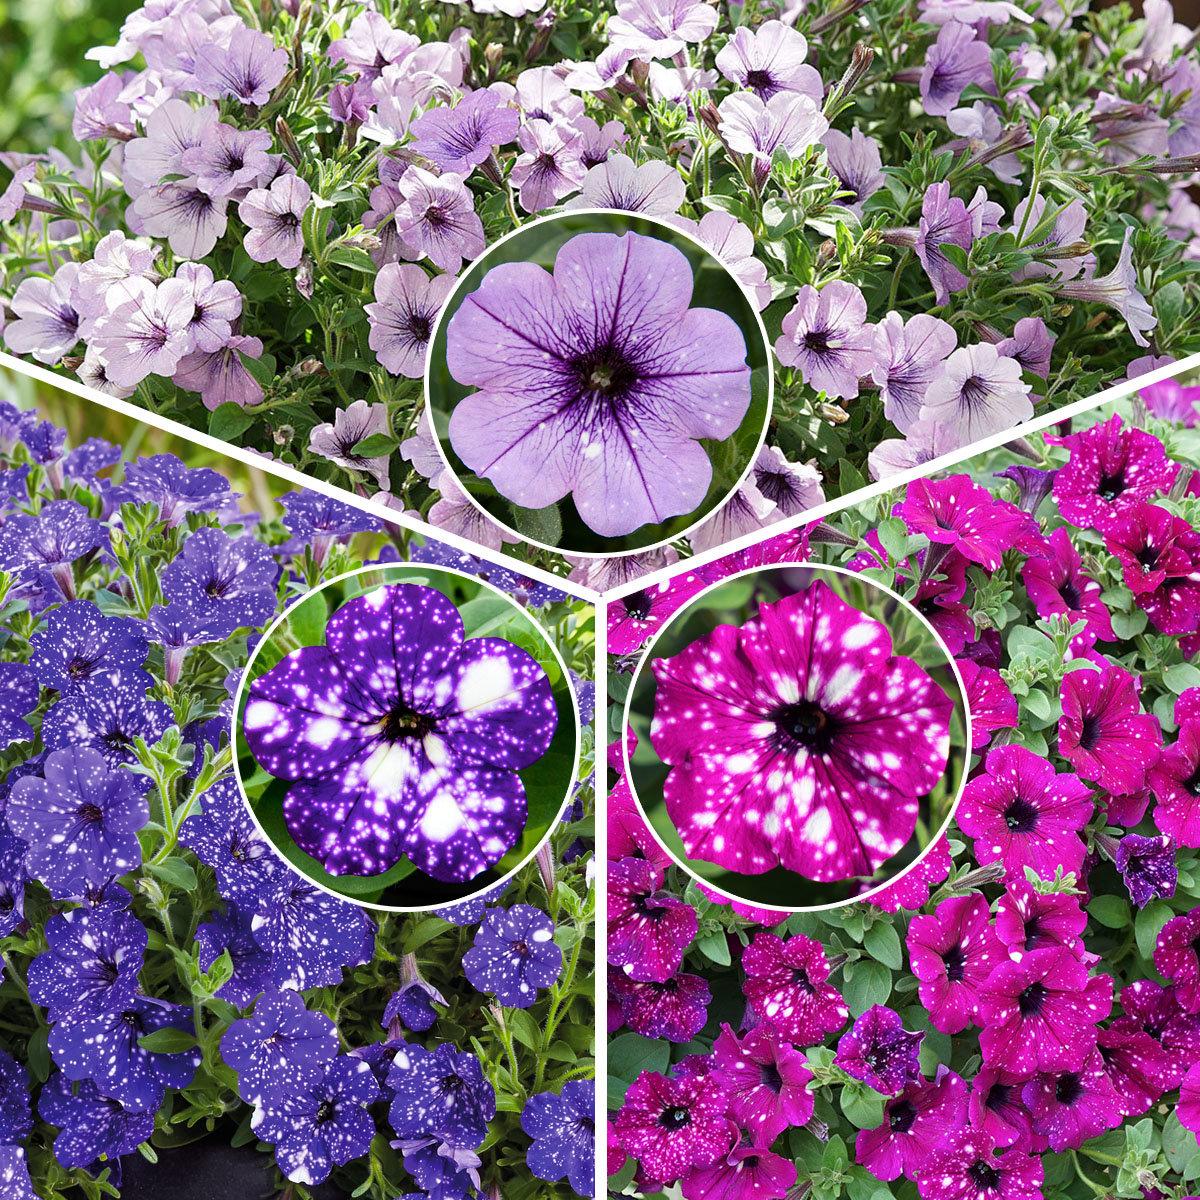 Sommerblumen-Set Petunien-Trio Bunter Sternenhimmel, im ca. 12 cm-Topf